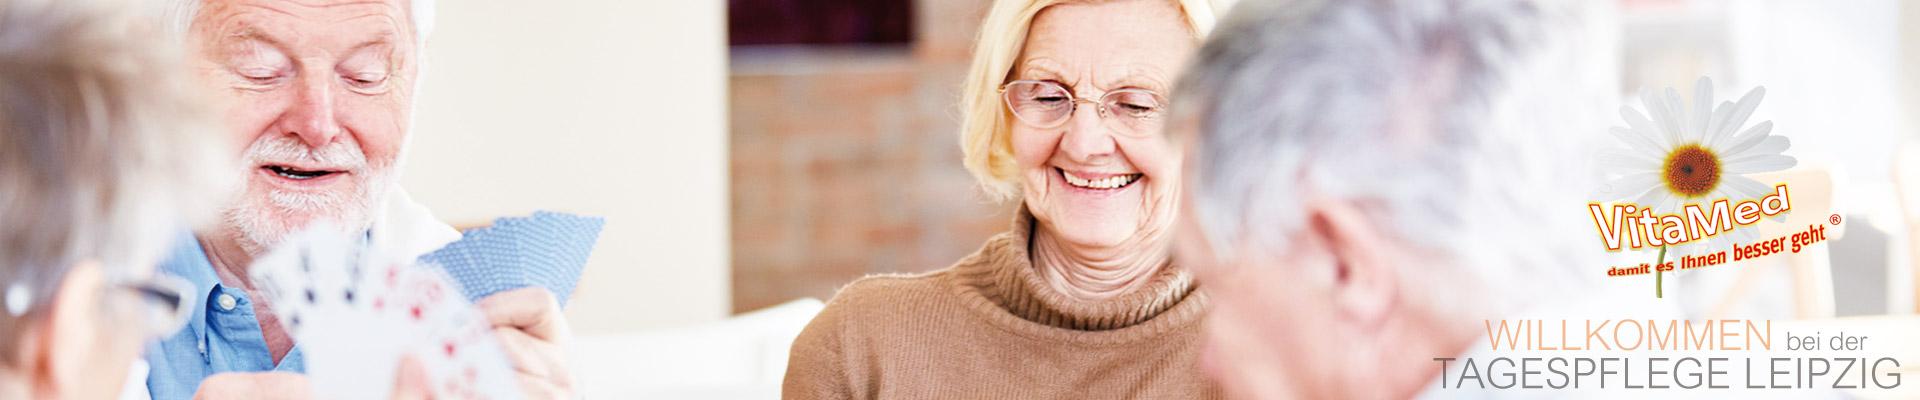 Leipziger Tagespflege für Senioren